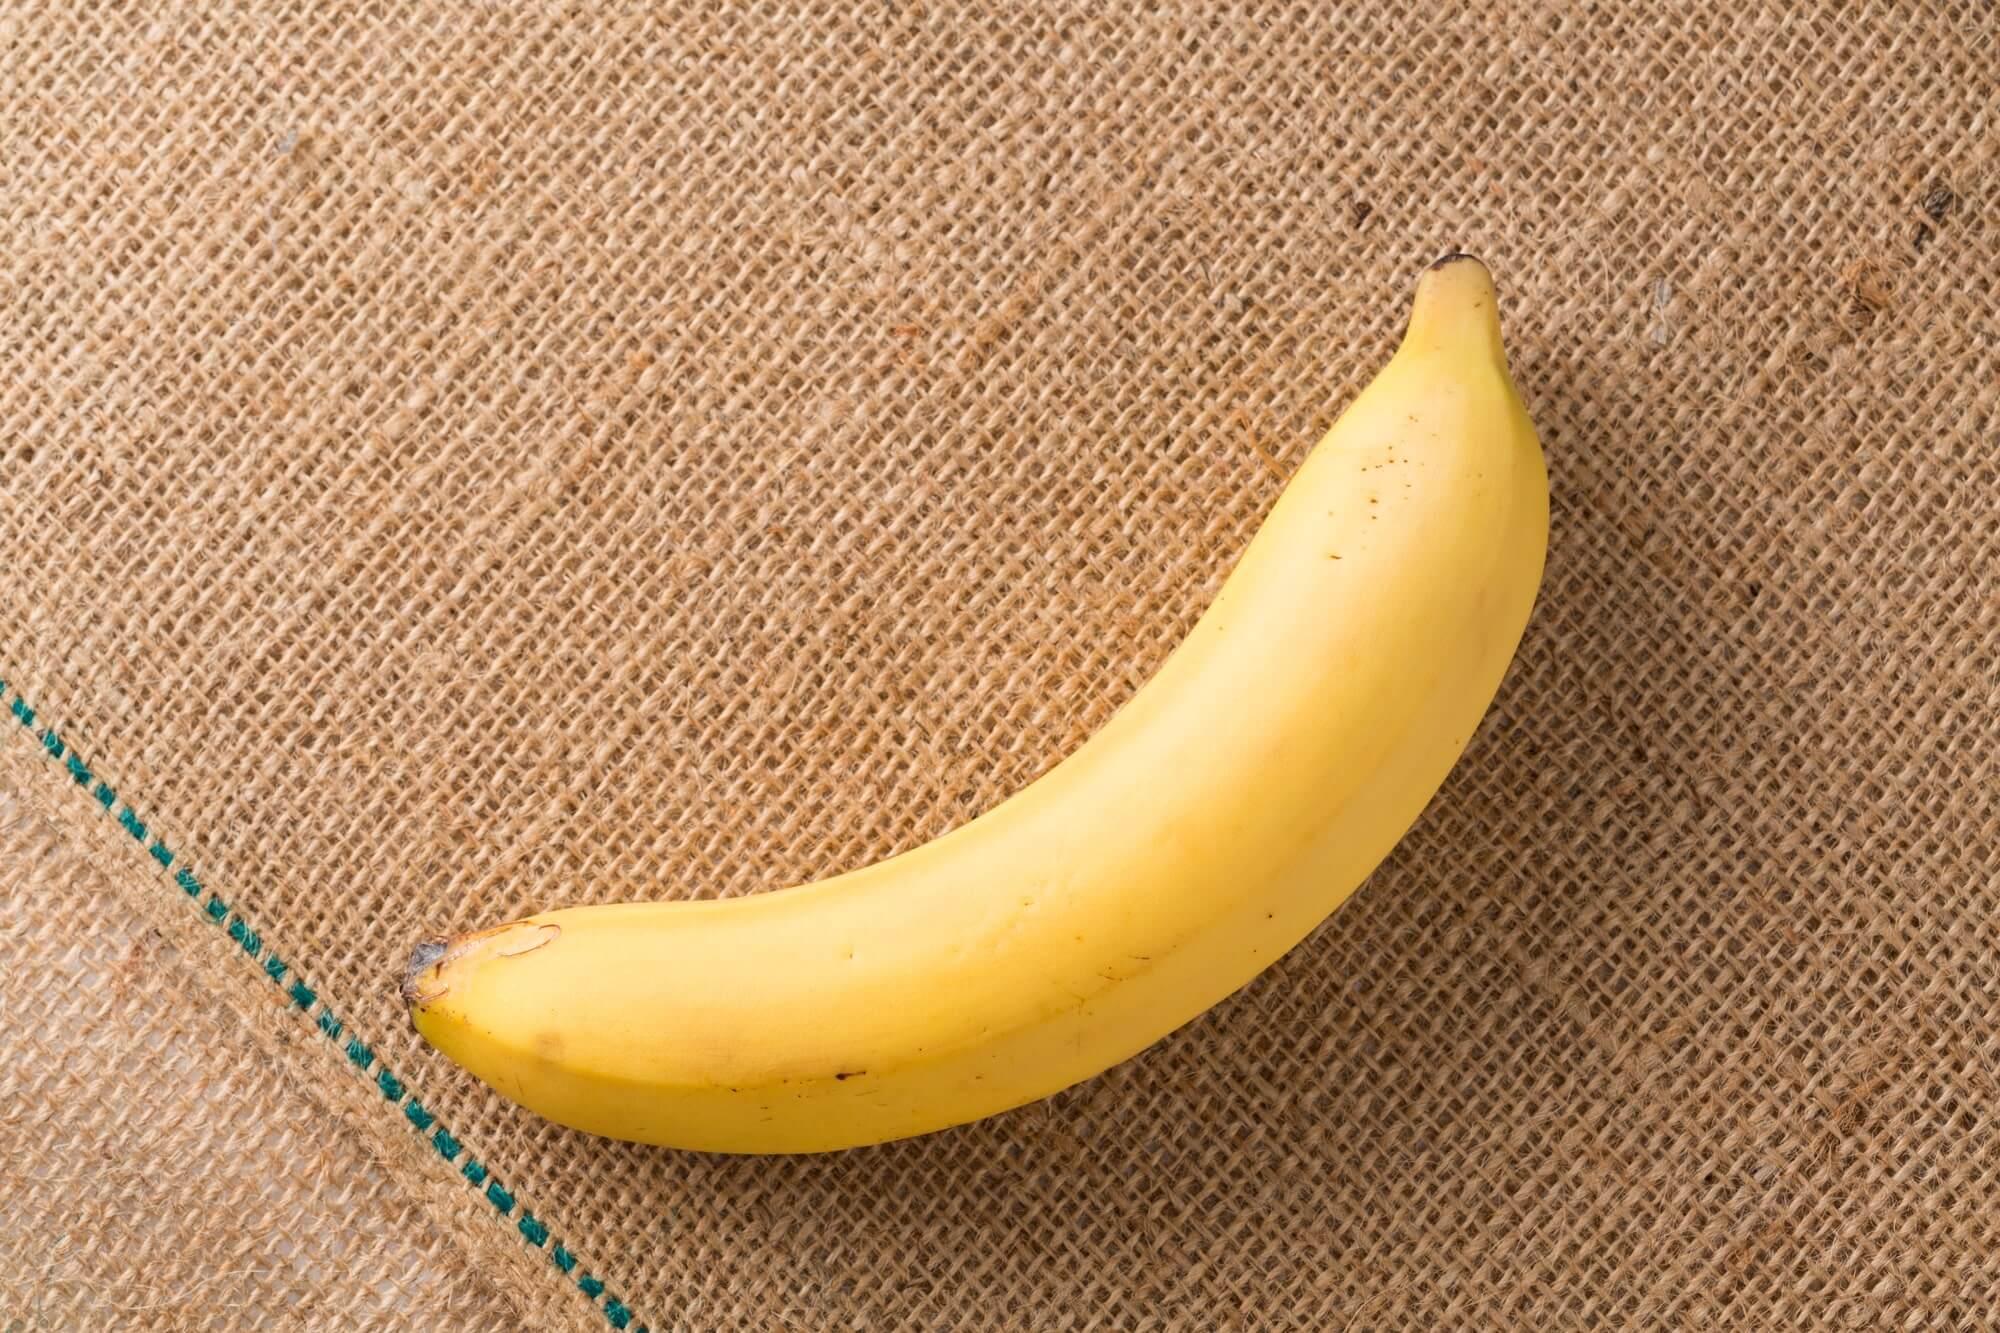 「バナナペーパー」フェアトレードな紙のご紹介